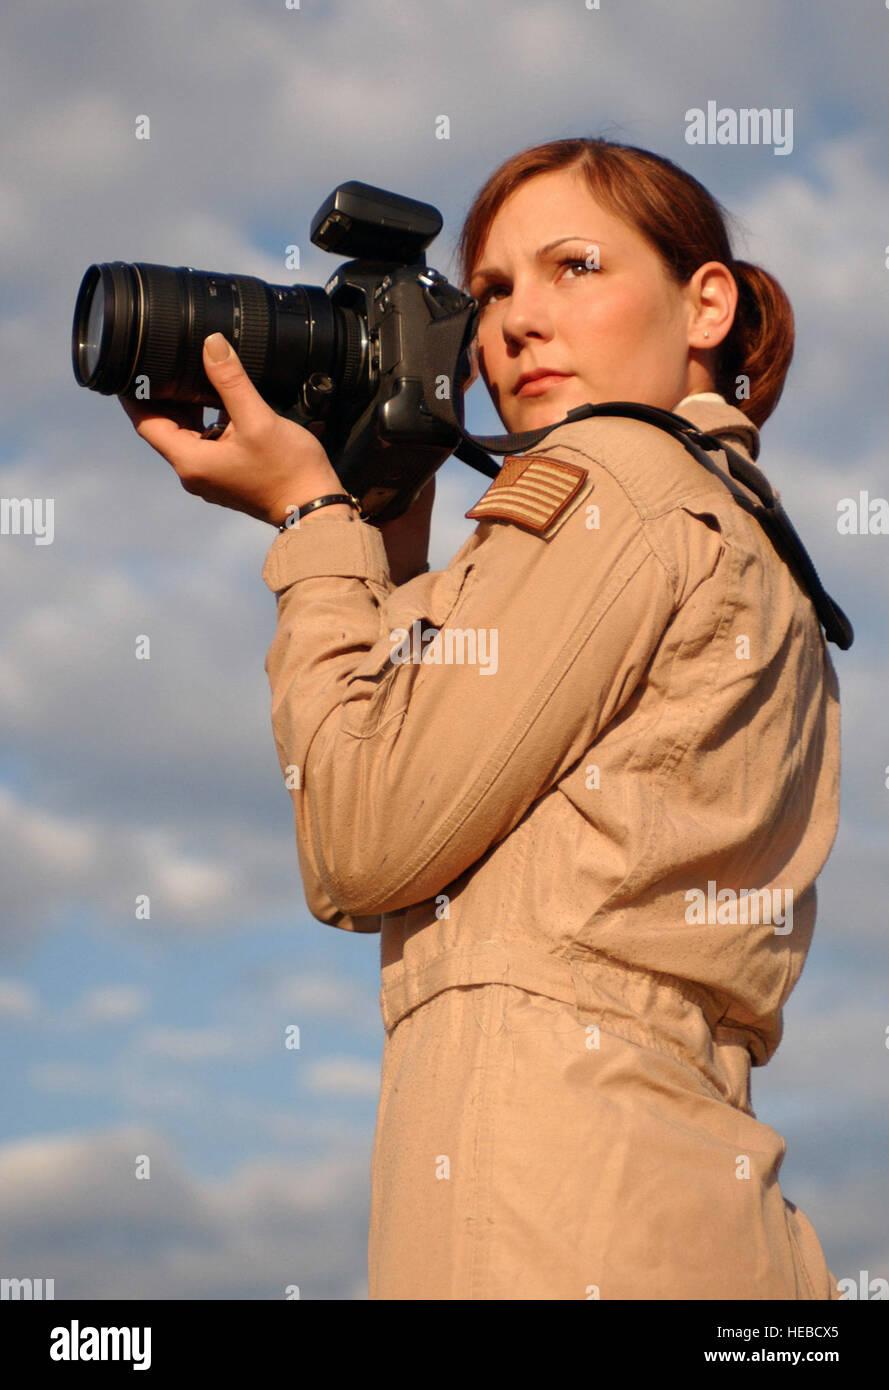 US Air Force (USAF) Le sergent (SSGT) Stacy L. Pearsall, photographe aérien, 1er escadron de la Caméra de combat (SDCC), Charleston Air Force Base (AFB), Caroline du Sud (SC), pose pour les photos à l'extérieur du bâtiment 1 SDCC en reconnaissance de son être reçu le 2004 photographe militaire (MILPHOG) de l'année. Banque D'Images